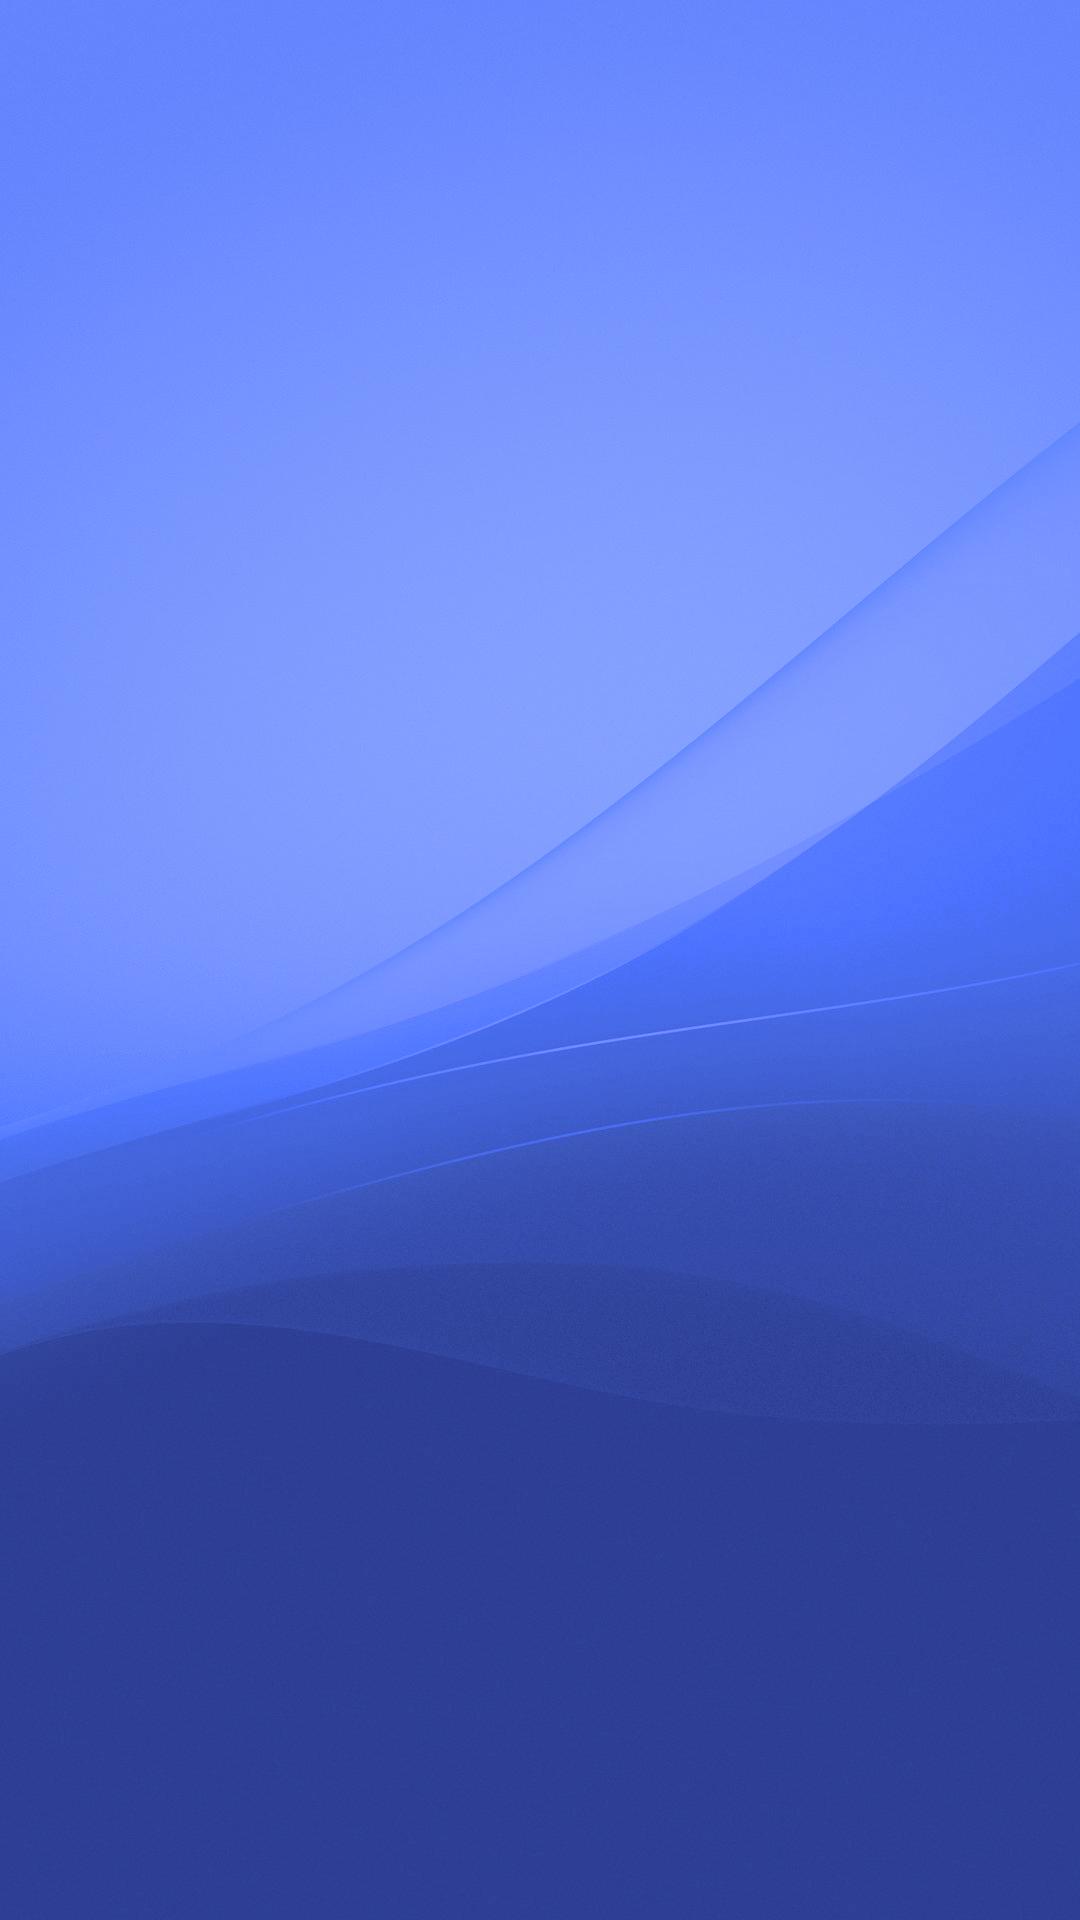 索尼xperia官方内置壁纸下载【1080*1920】14p